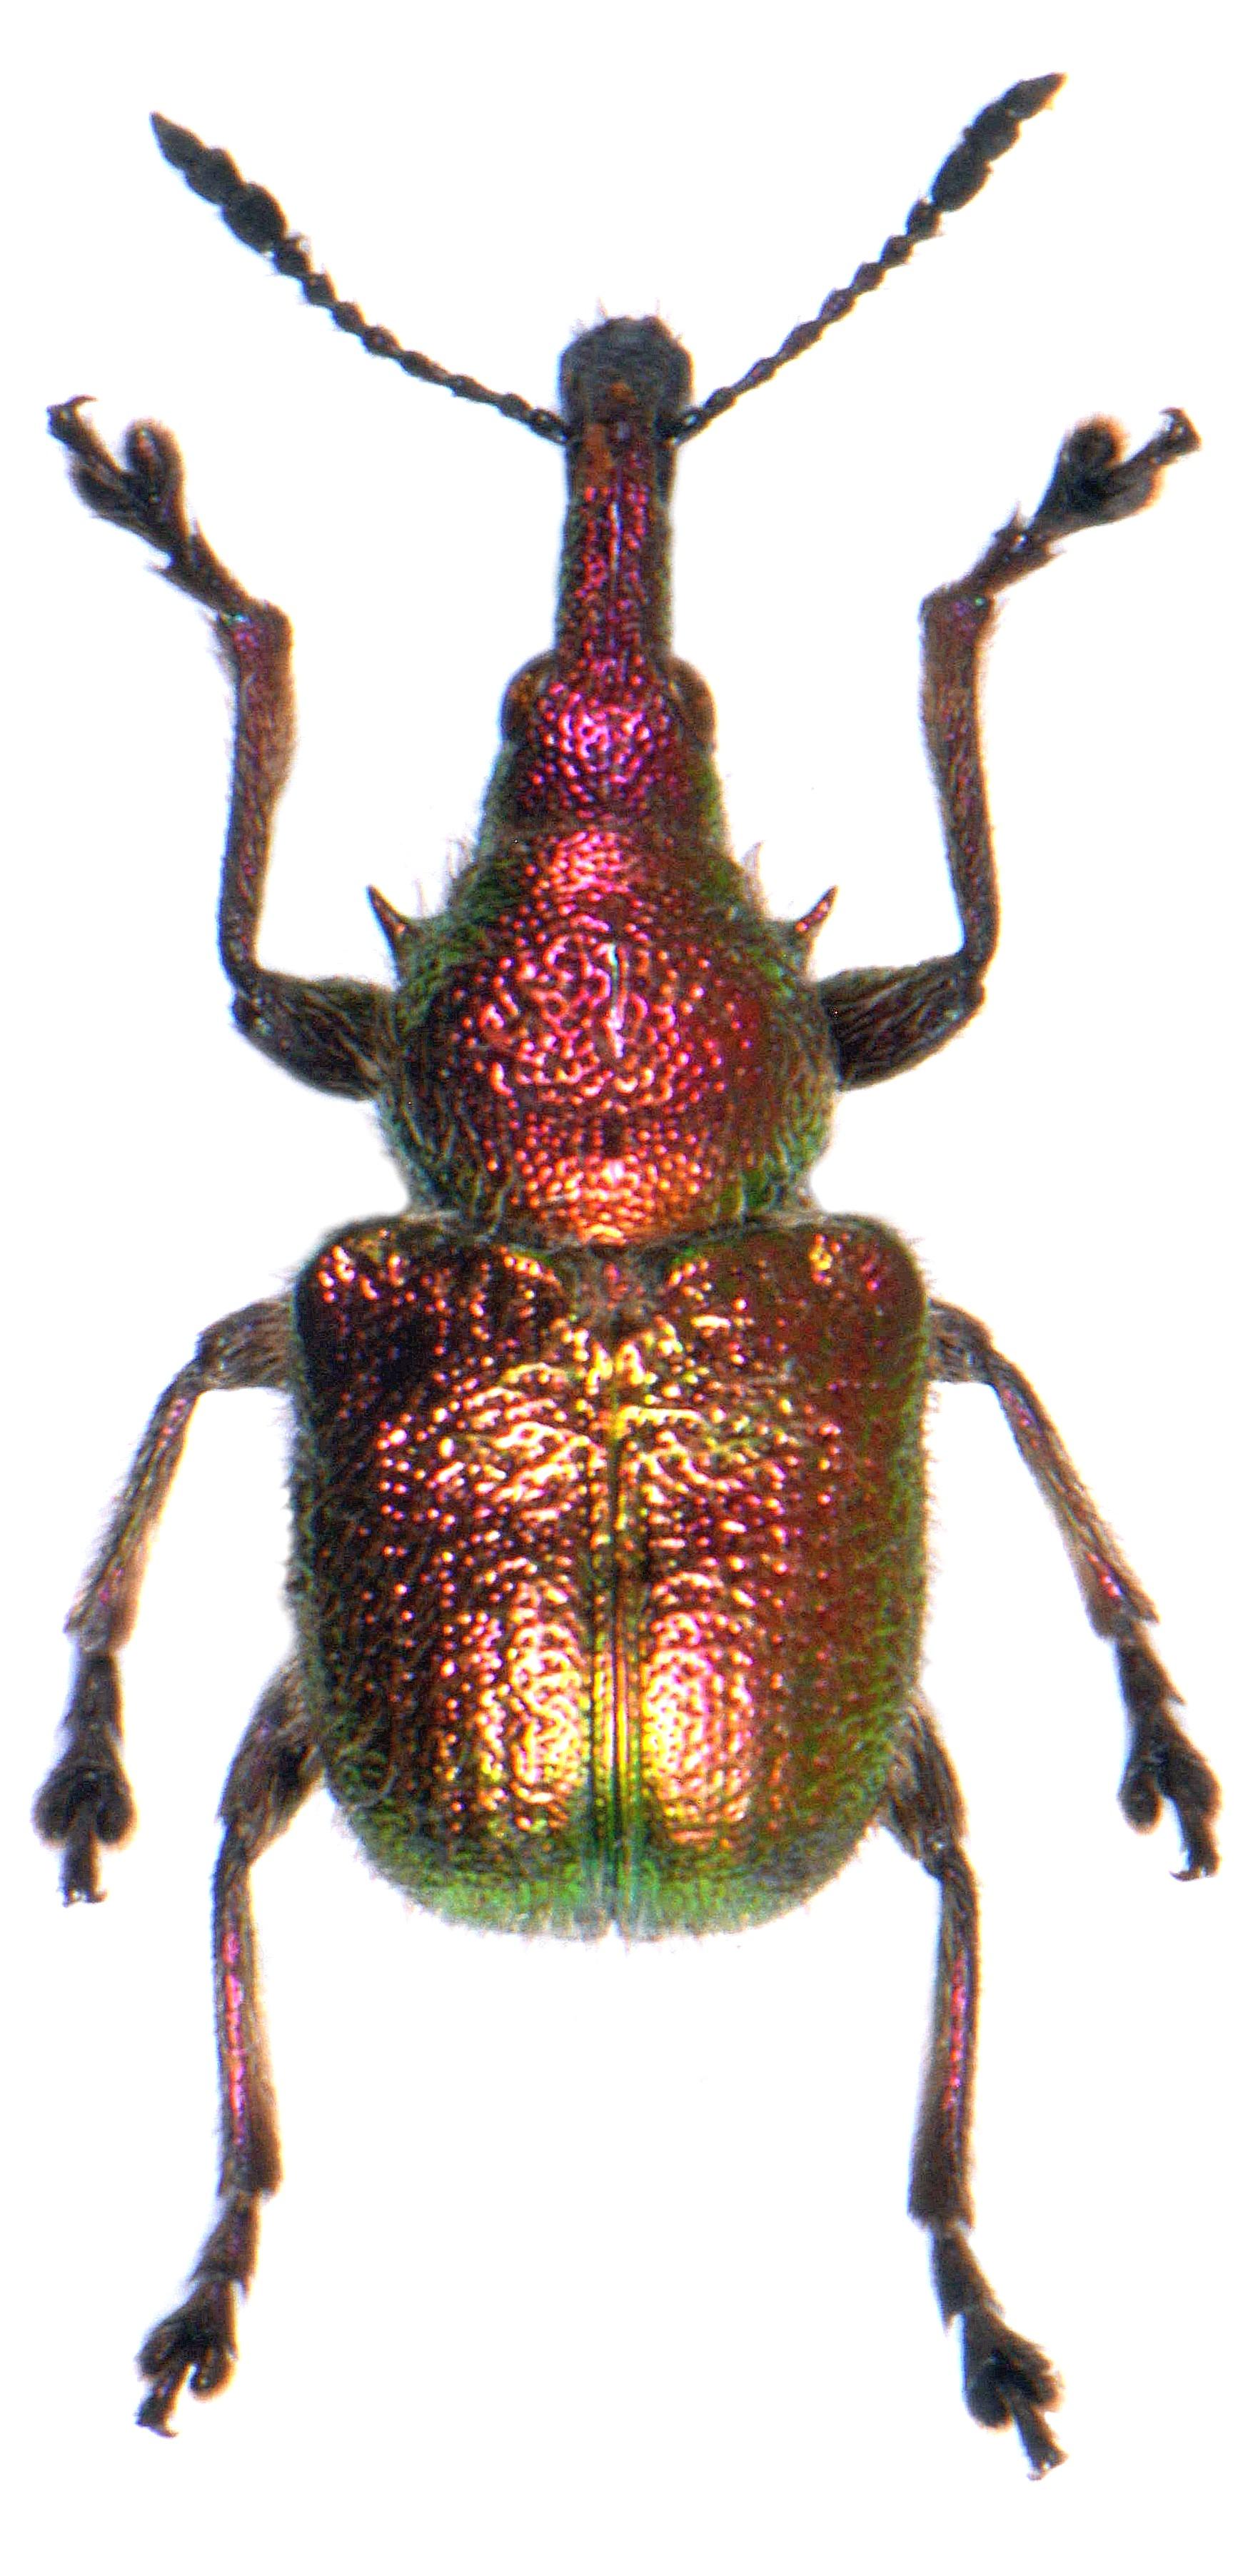 Rhynchites auratus